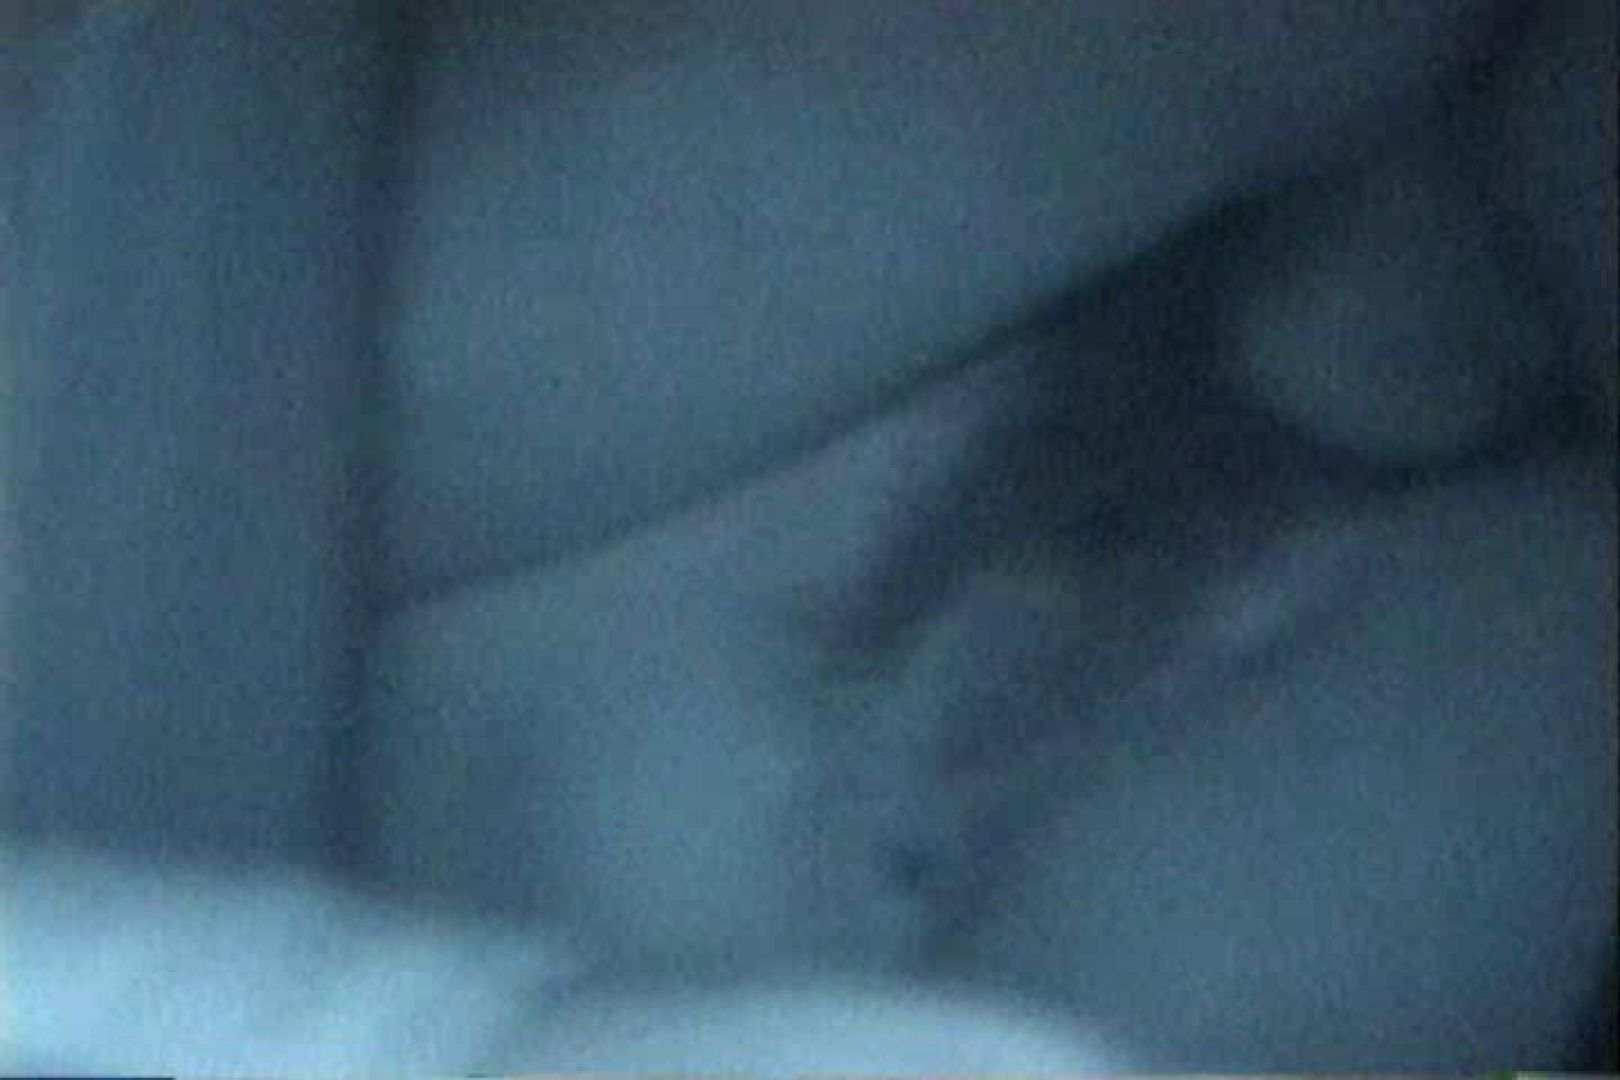 充血監督の深夜の運動会Vol.150 おまんこ  95PIX 84